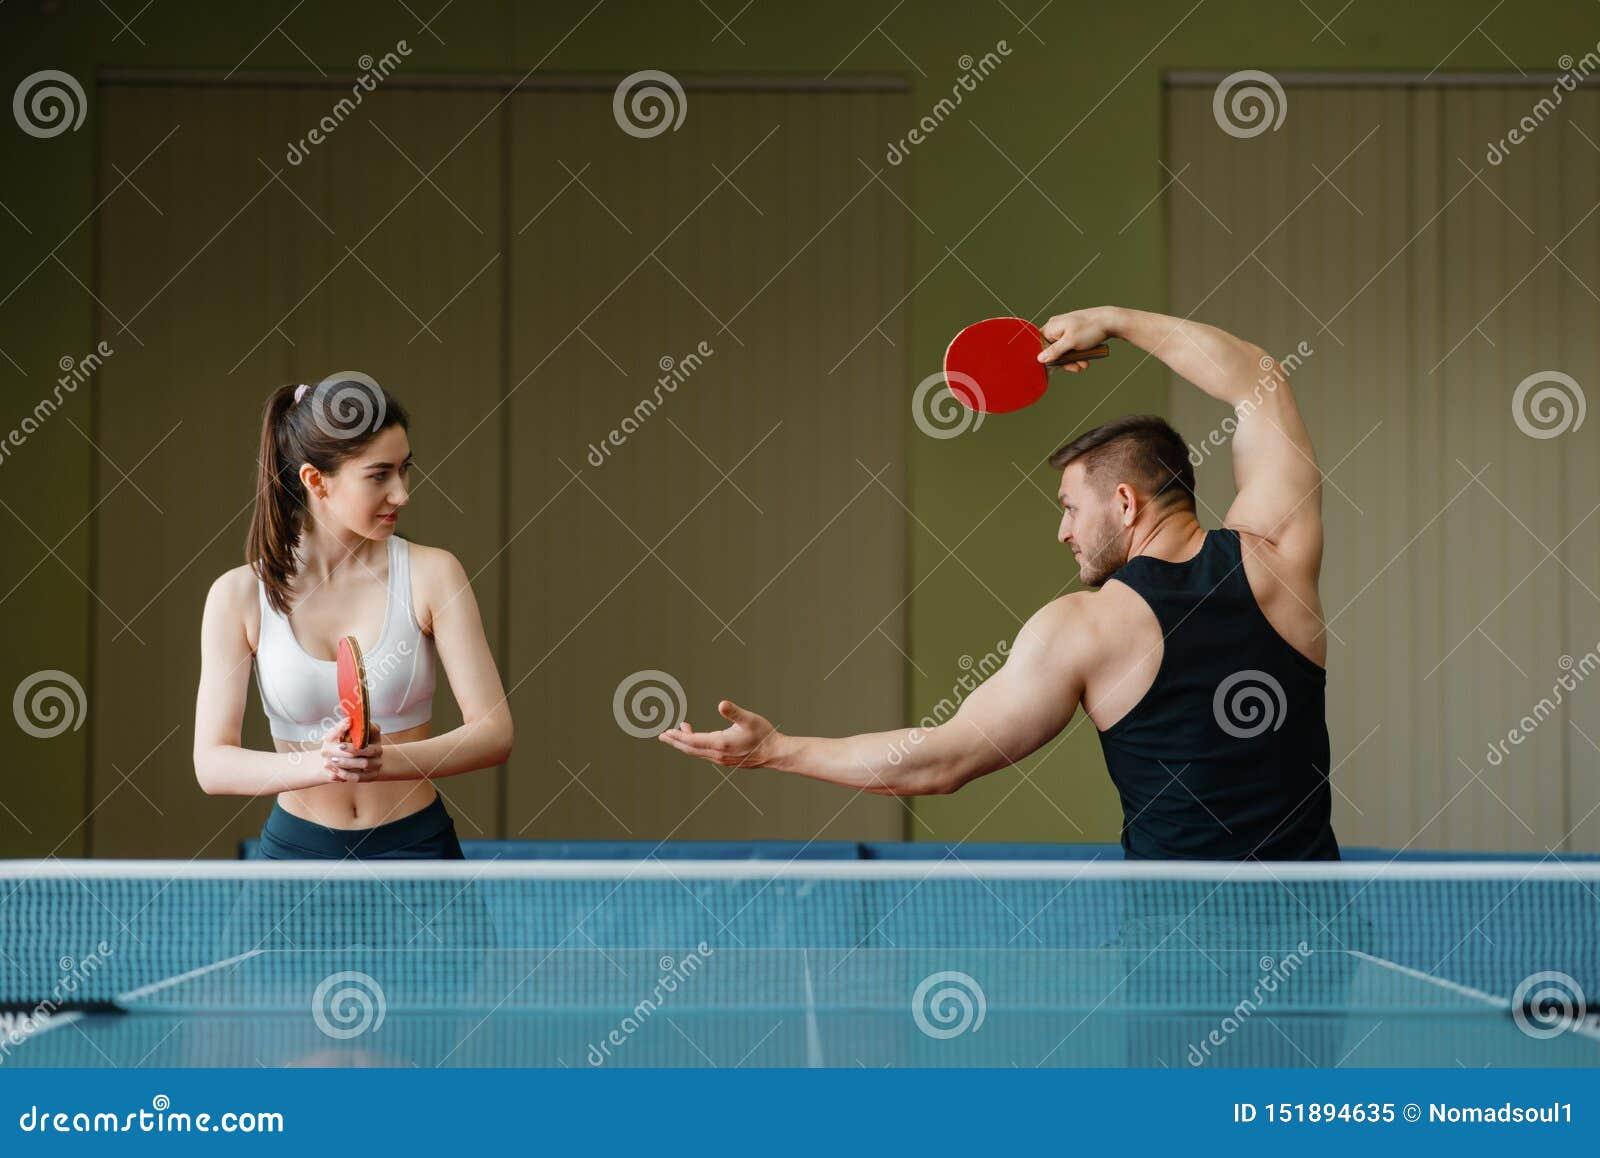 Mężczyzna i kobieta na śwista pong trenuje indoors